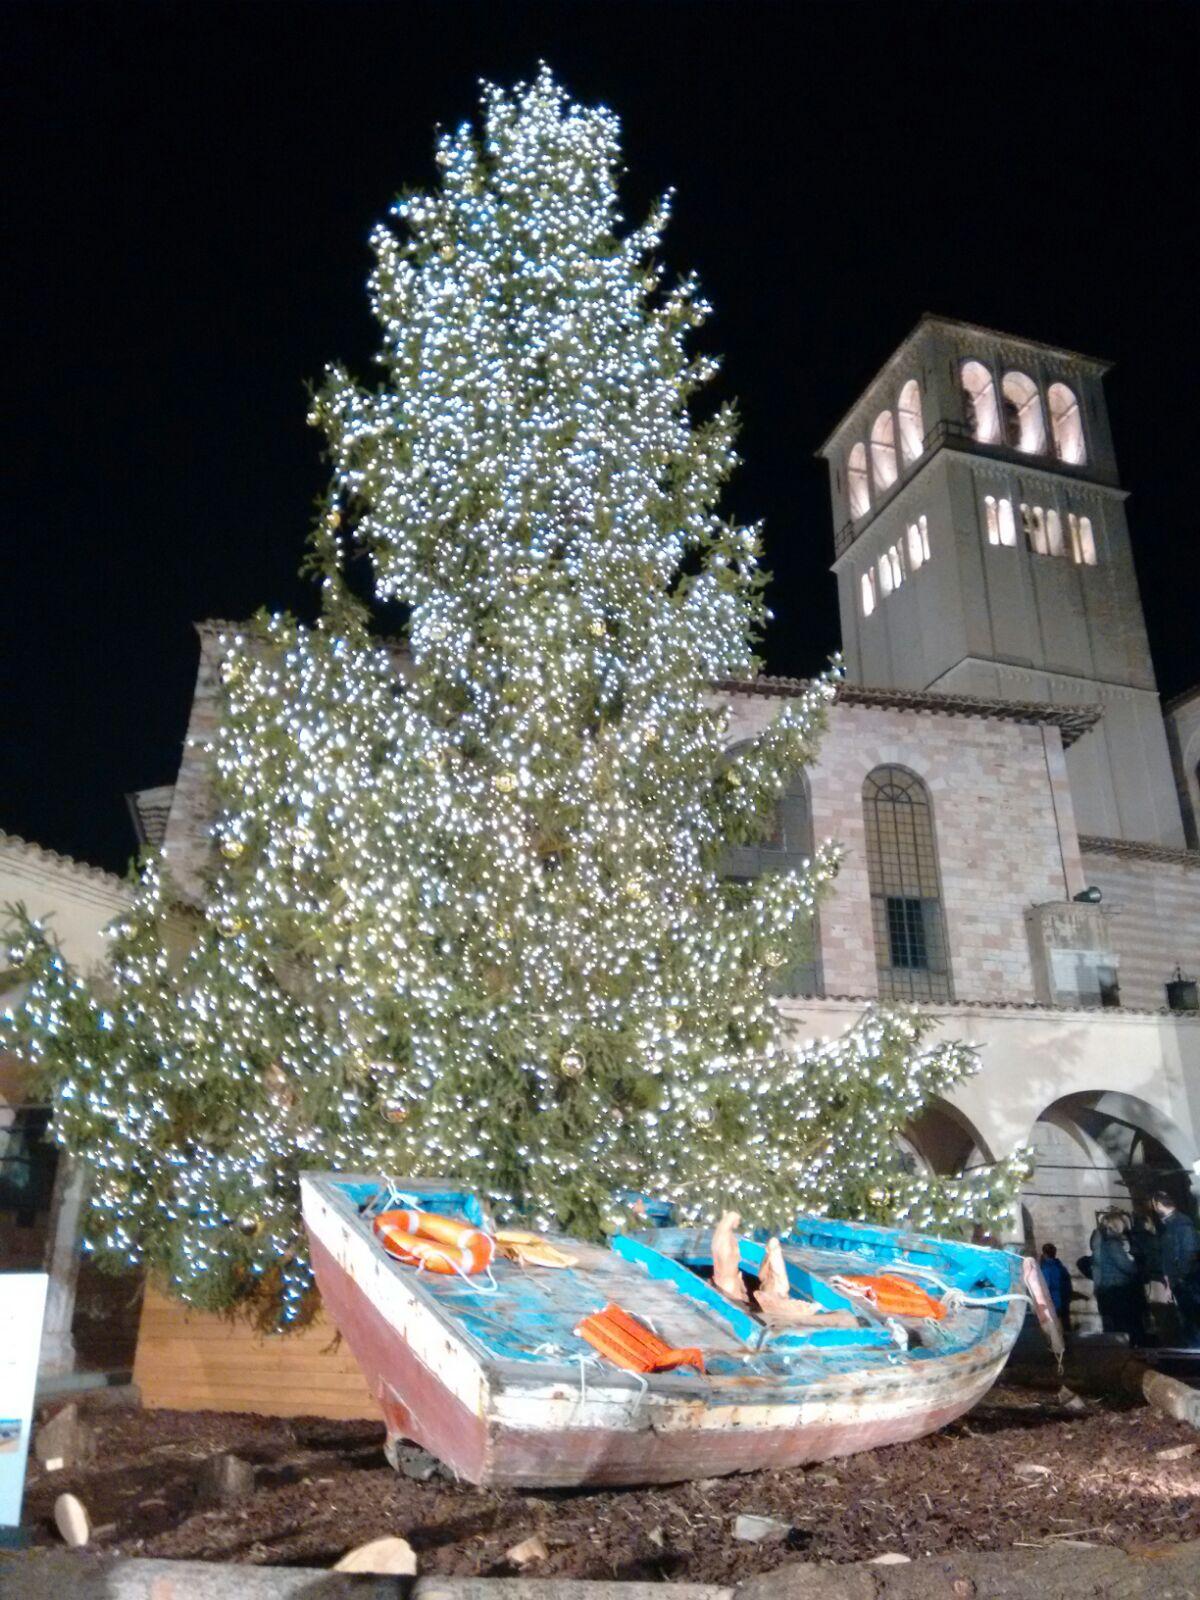 Detalhes da Árvore de Natal acesa em Assis / Foto: Danusa Rego - Canção Nova